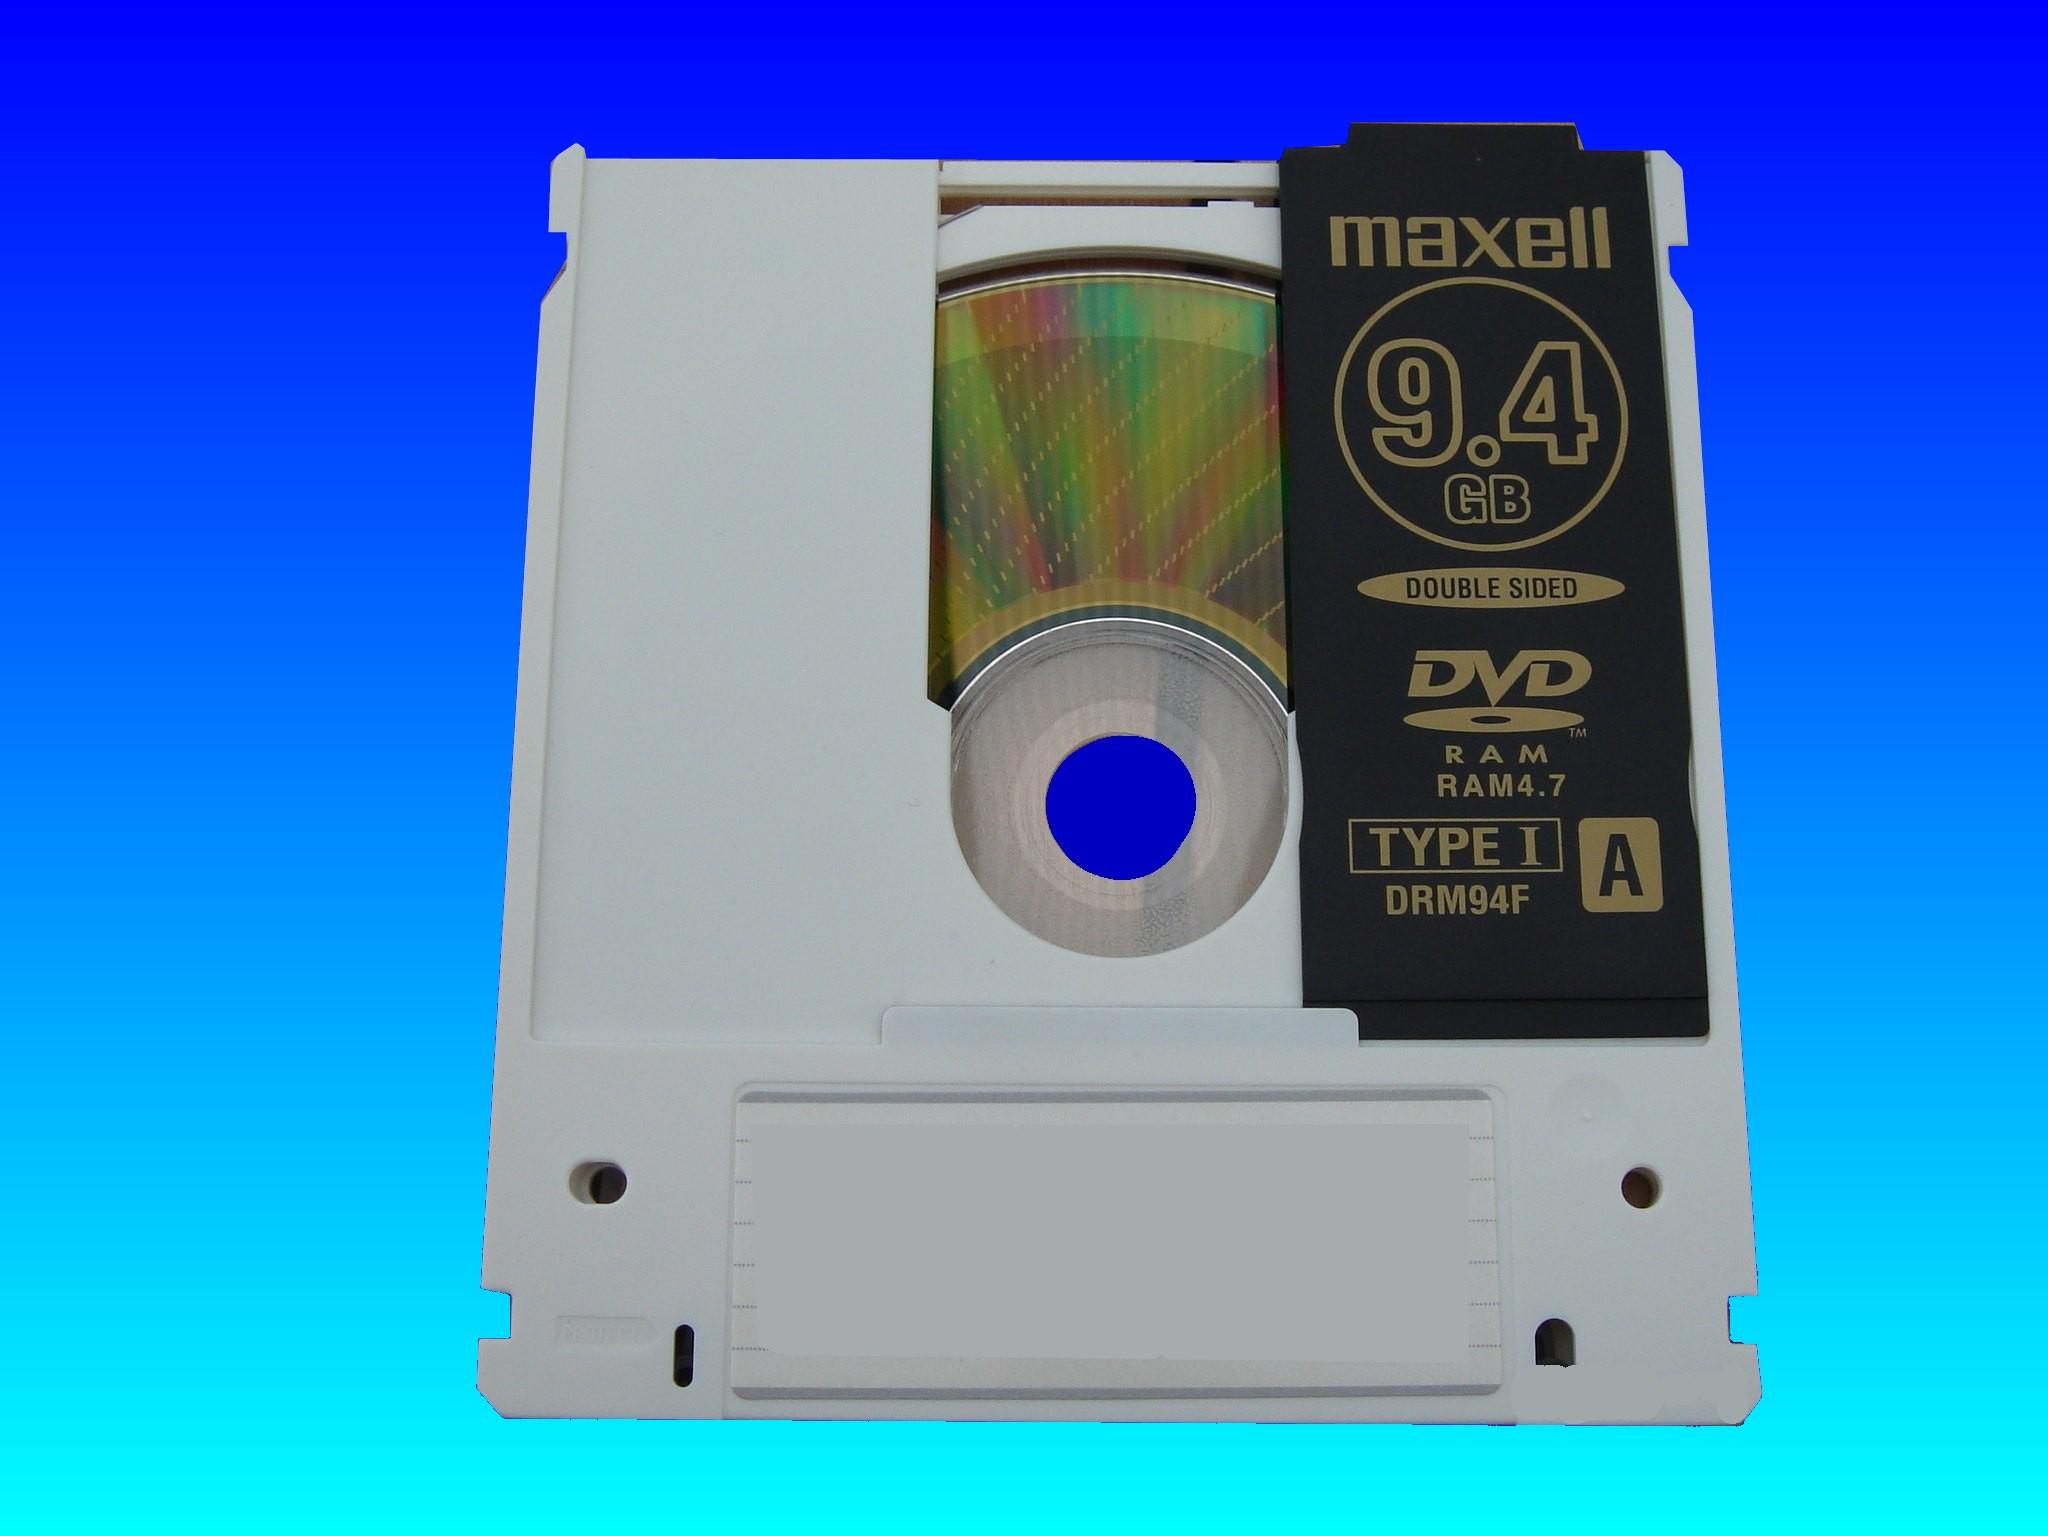 dvd-ram-cartridge-case-type-disk-transfe